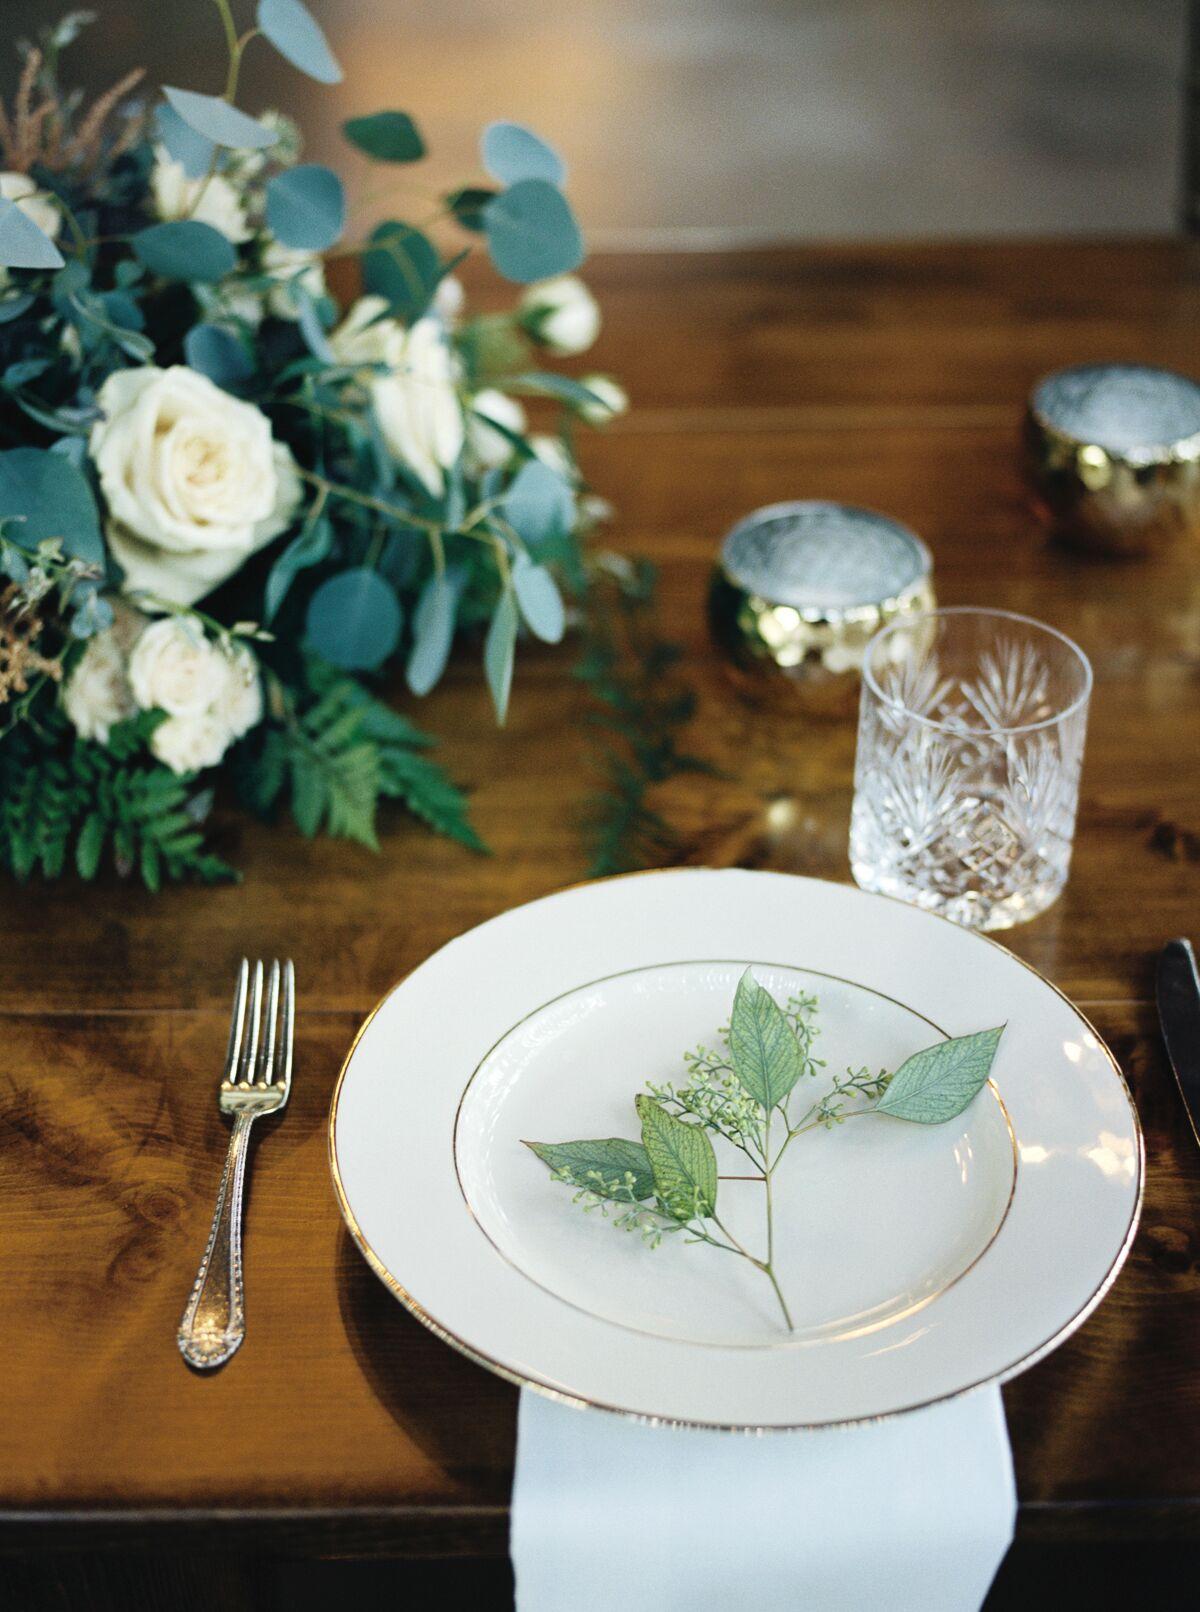 Wedding Rentals in Clarksville, TN - The Knot